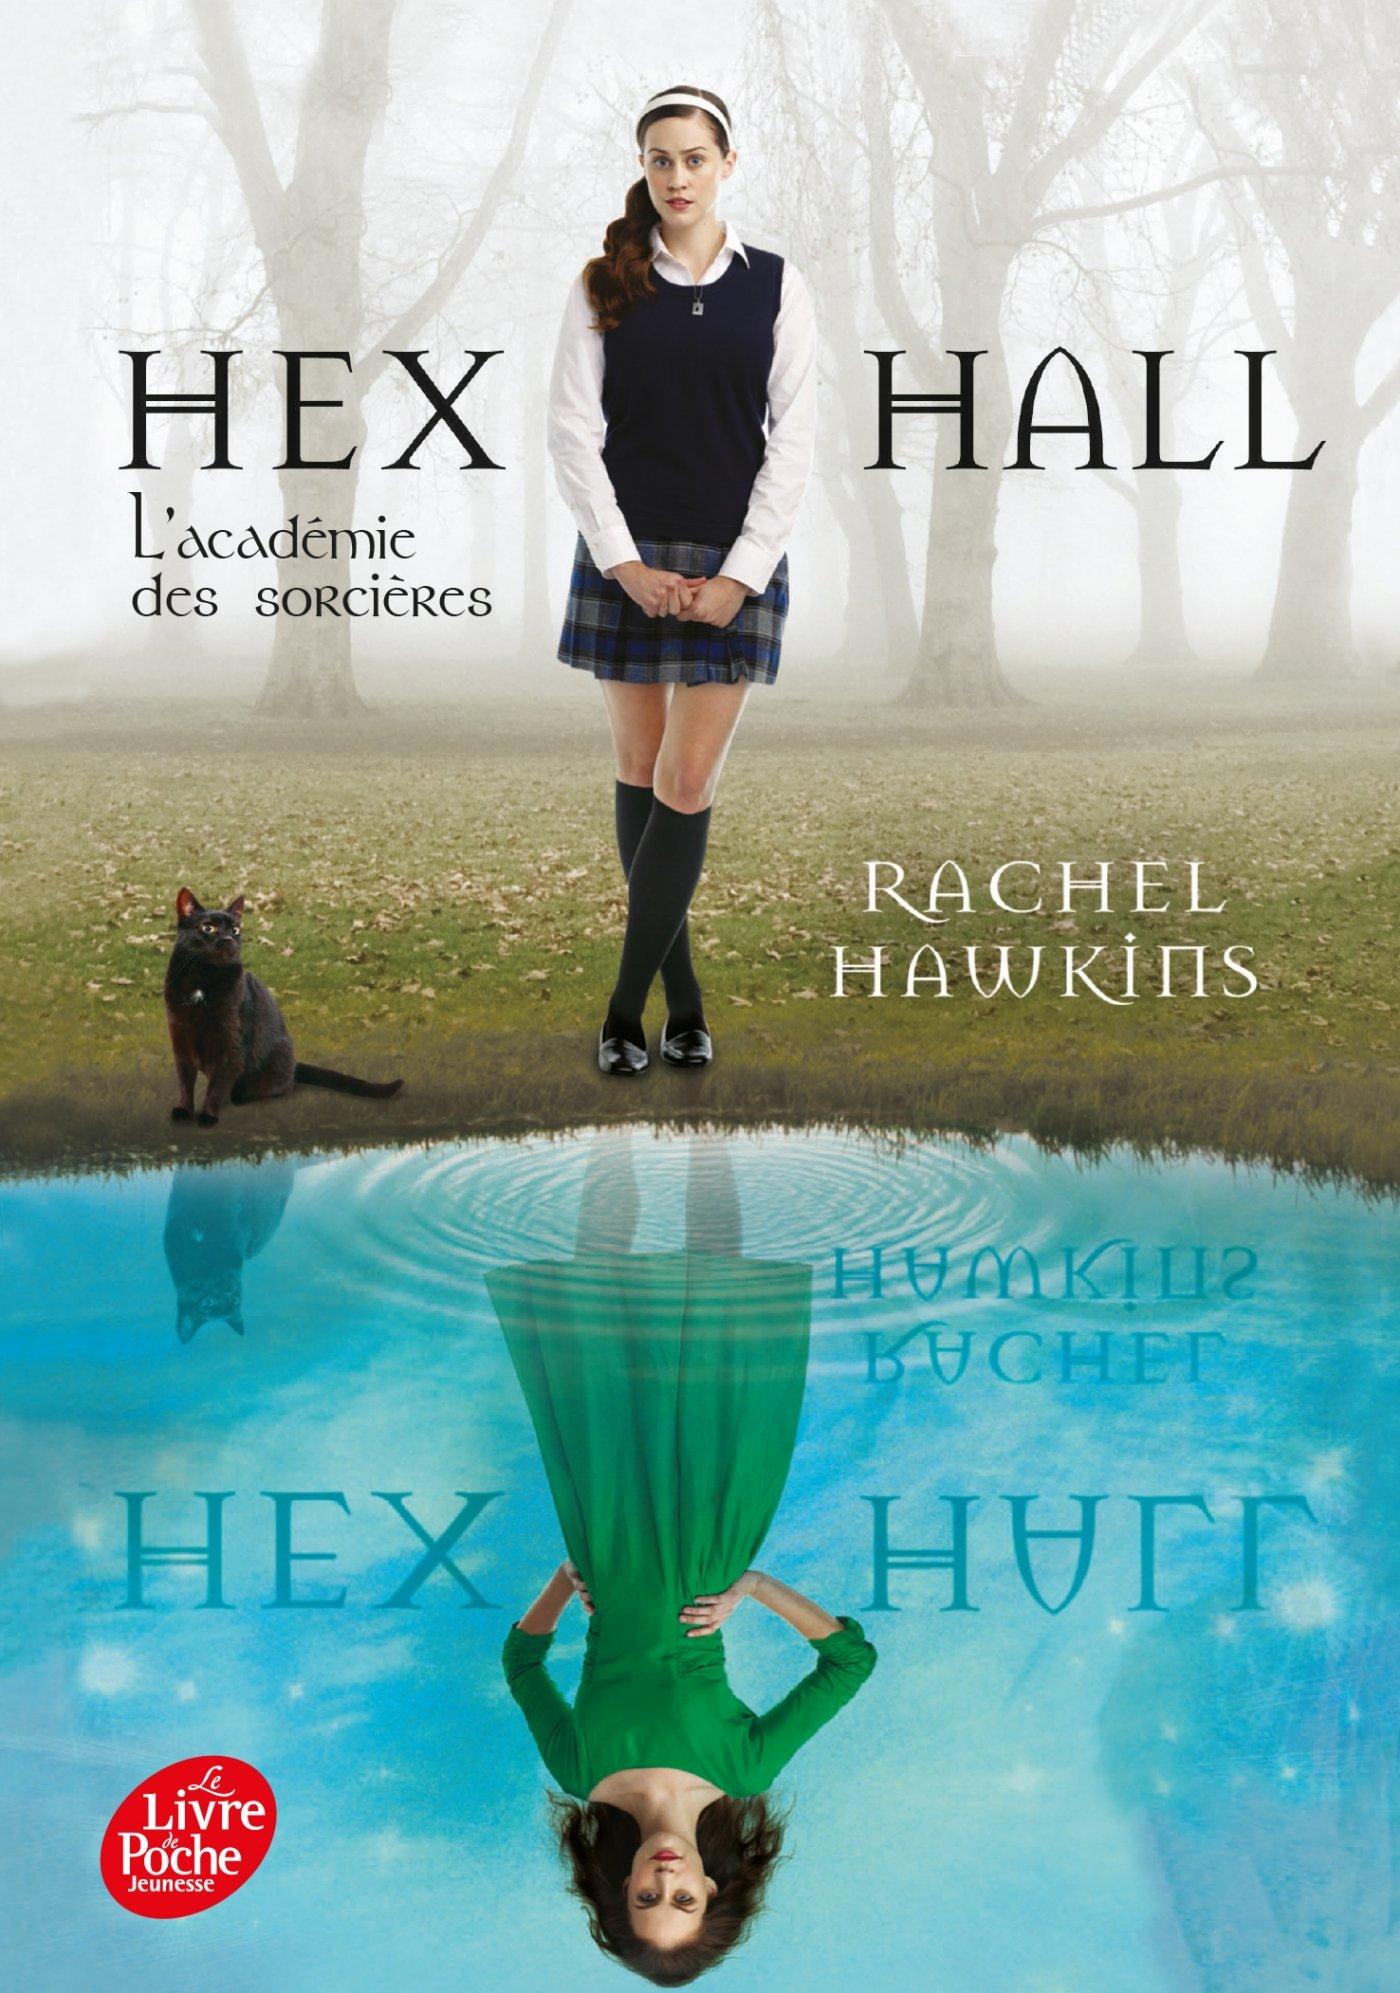 """Résultat de recherche d'images pour """"hex hall"""""""